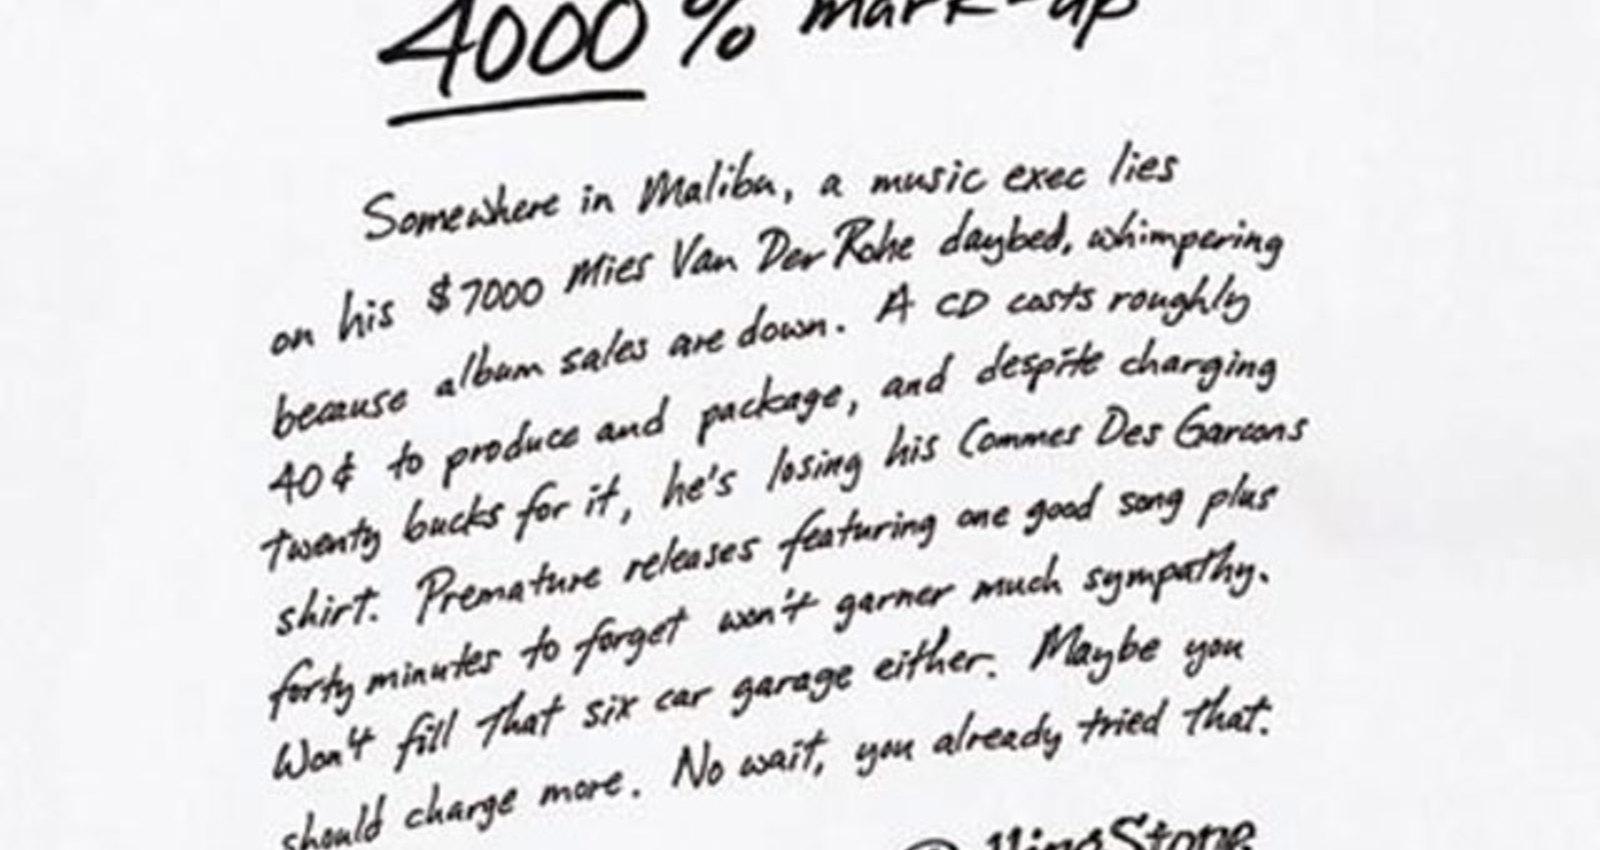 4000% Mark-up